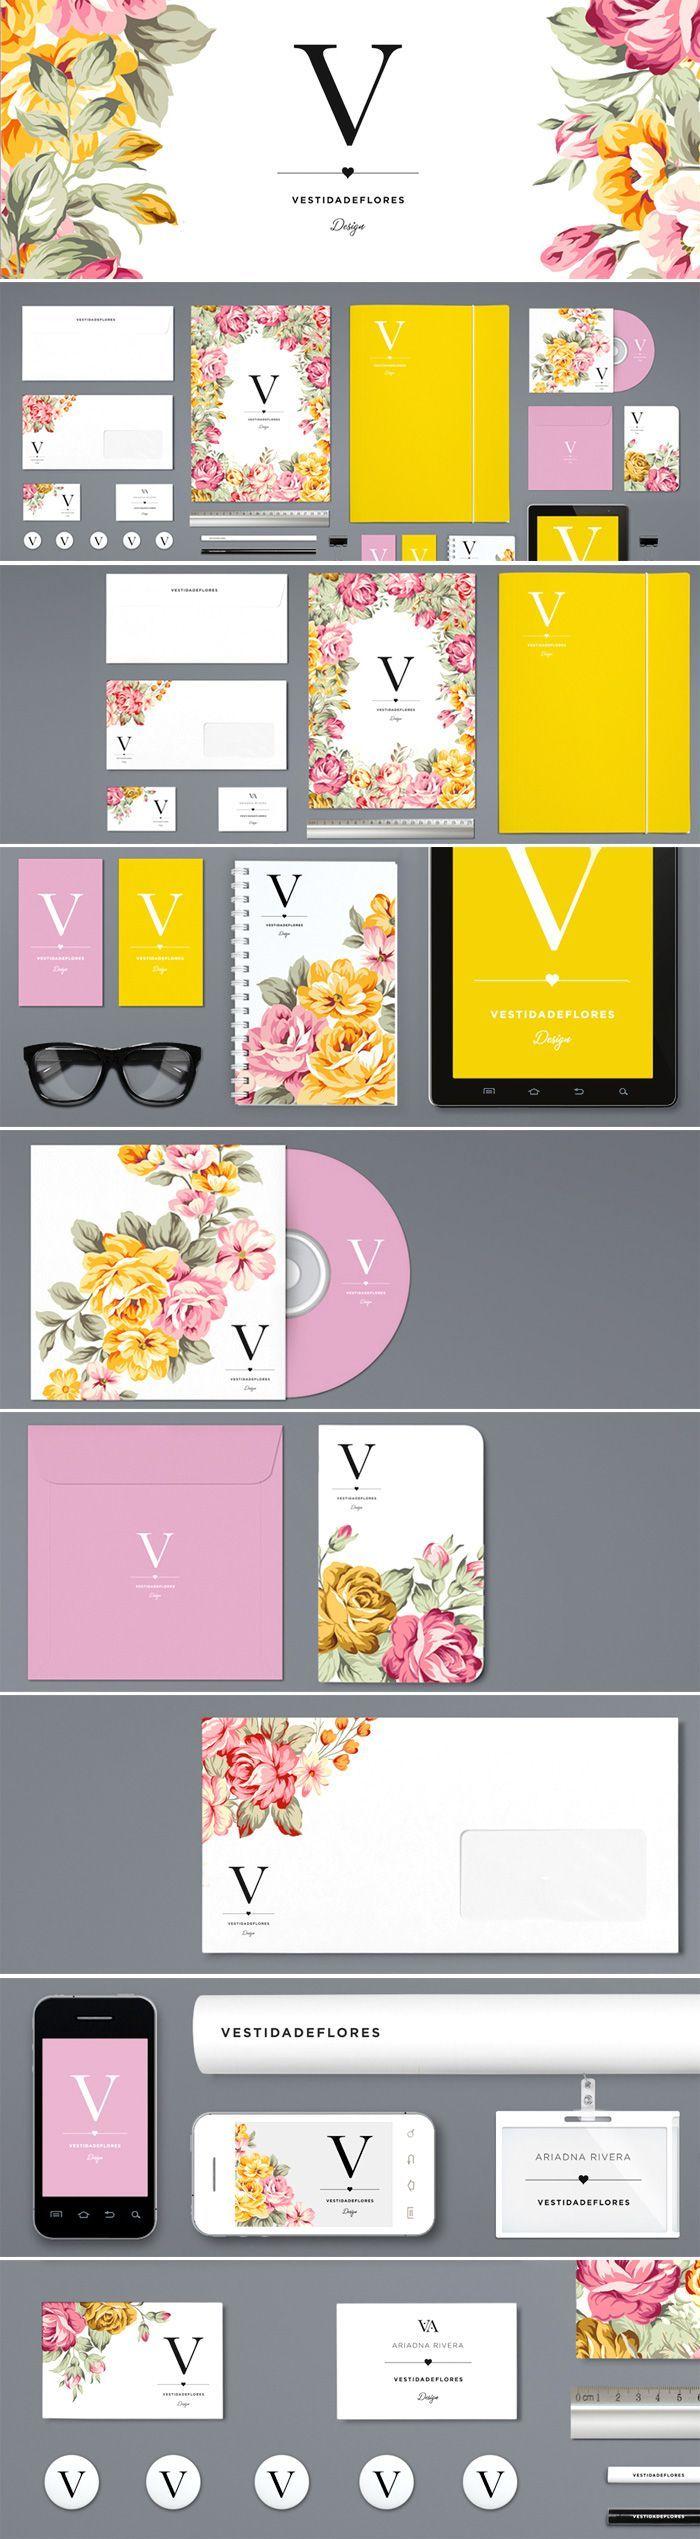 Diseño de identidad corporativa Vestidadeflores (by Ariadna Rivera) from Tela Papel Tijeras